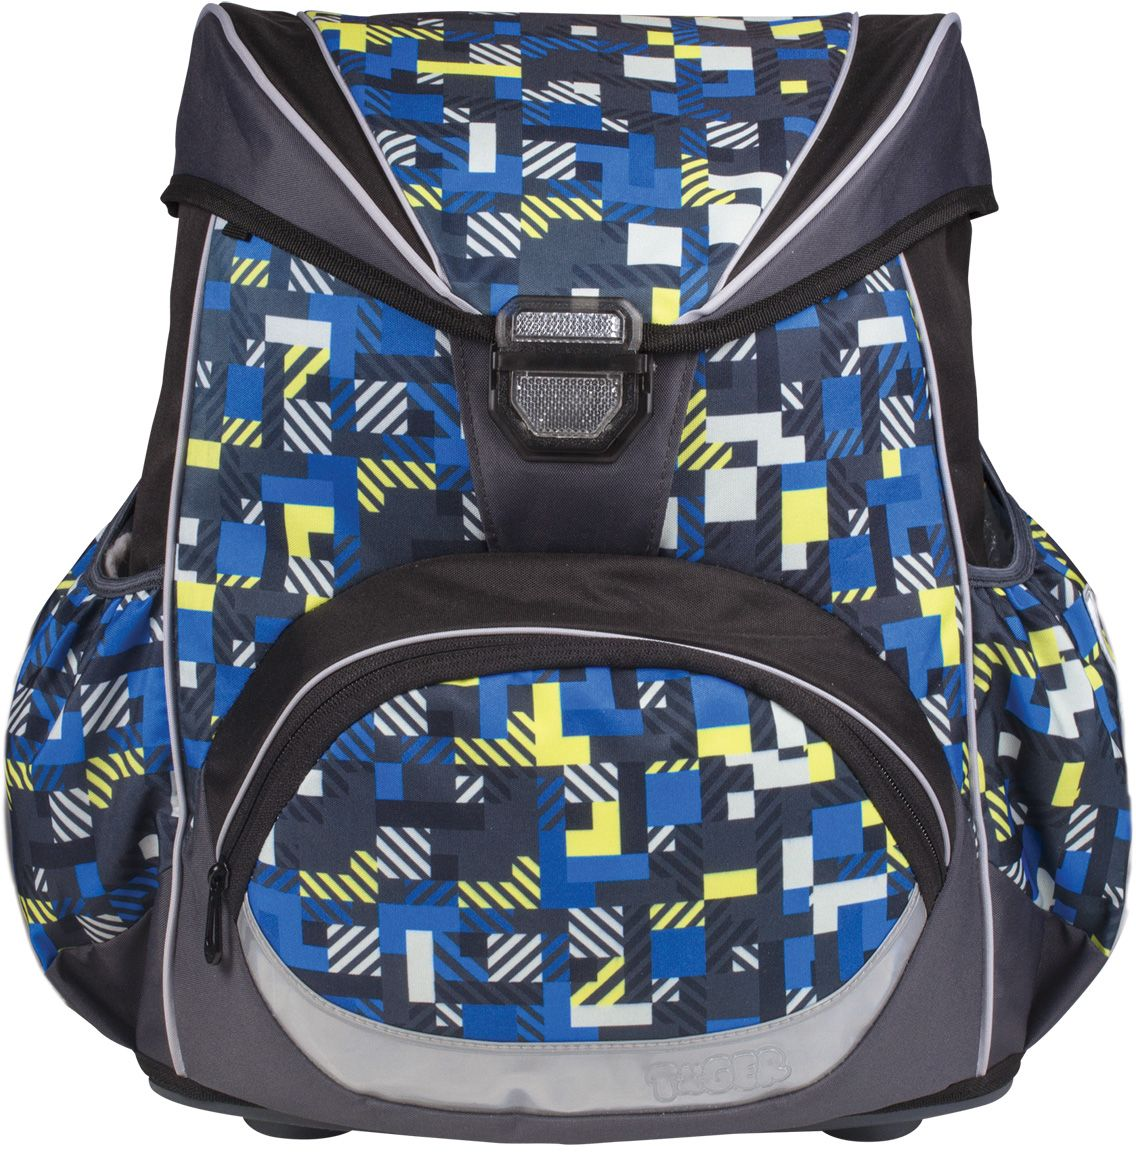 Tiger Enterprise Ранец школьный Матрица225552Удобный, как ранец, и легкий, как рюкзак! Вес этого рюкзака - всего 660 грамм, а все благодаря усовершенствованной облегченной конструкции и современным материалам. Жесткая спинка и усиленное дно обеспечивают комфортное ношение без утяжеления.Светоотражающие элементы с четырех сторон делают школьника более заметным на дороге даже в темное время суток. Устойчивое дно из облегченного пластика защищает учебники и тетради от намокания. В боковые карманы отлично помещается бутылочка с водой. Качественный водоотталкивающий материал не позволяет грязи въедаться, поэтому рюкзак легко чистить влажной тряпочкой.Все материалы и красители проверены на отсутствие вредных веществ и аллергенов в соответствии с европейским стандартом качества и безопасности.